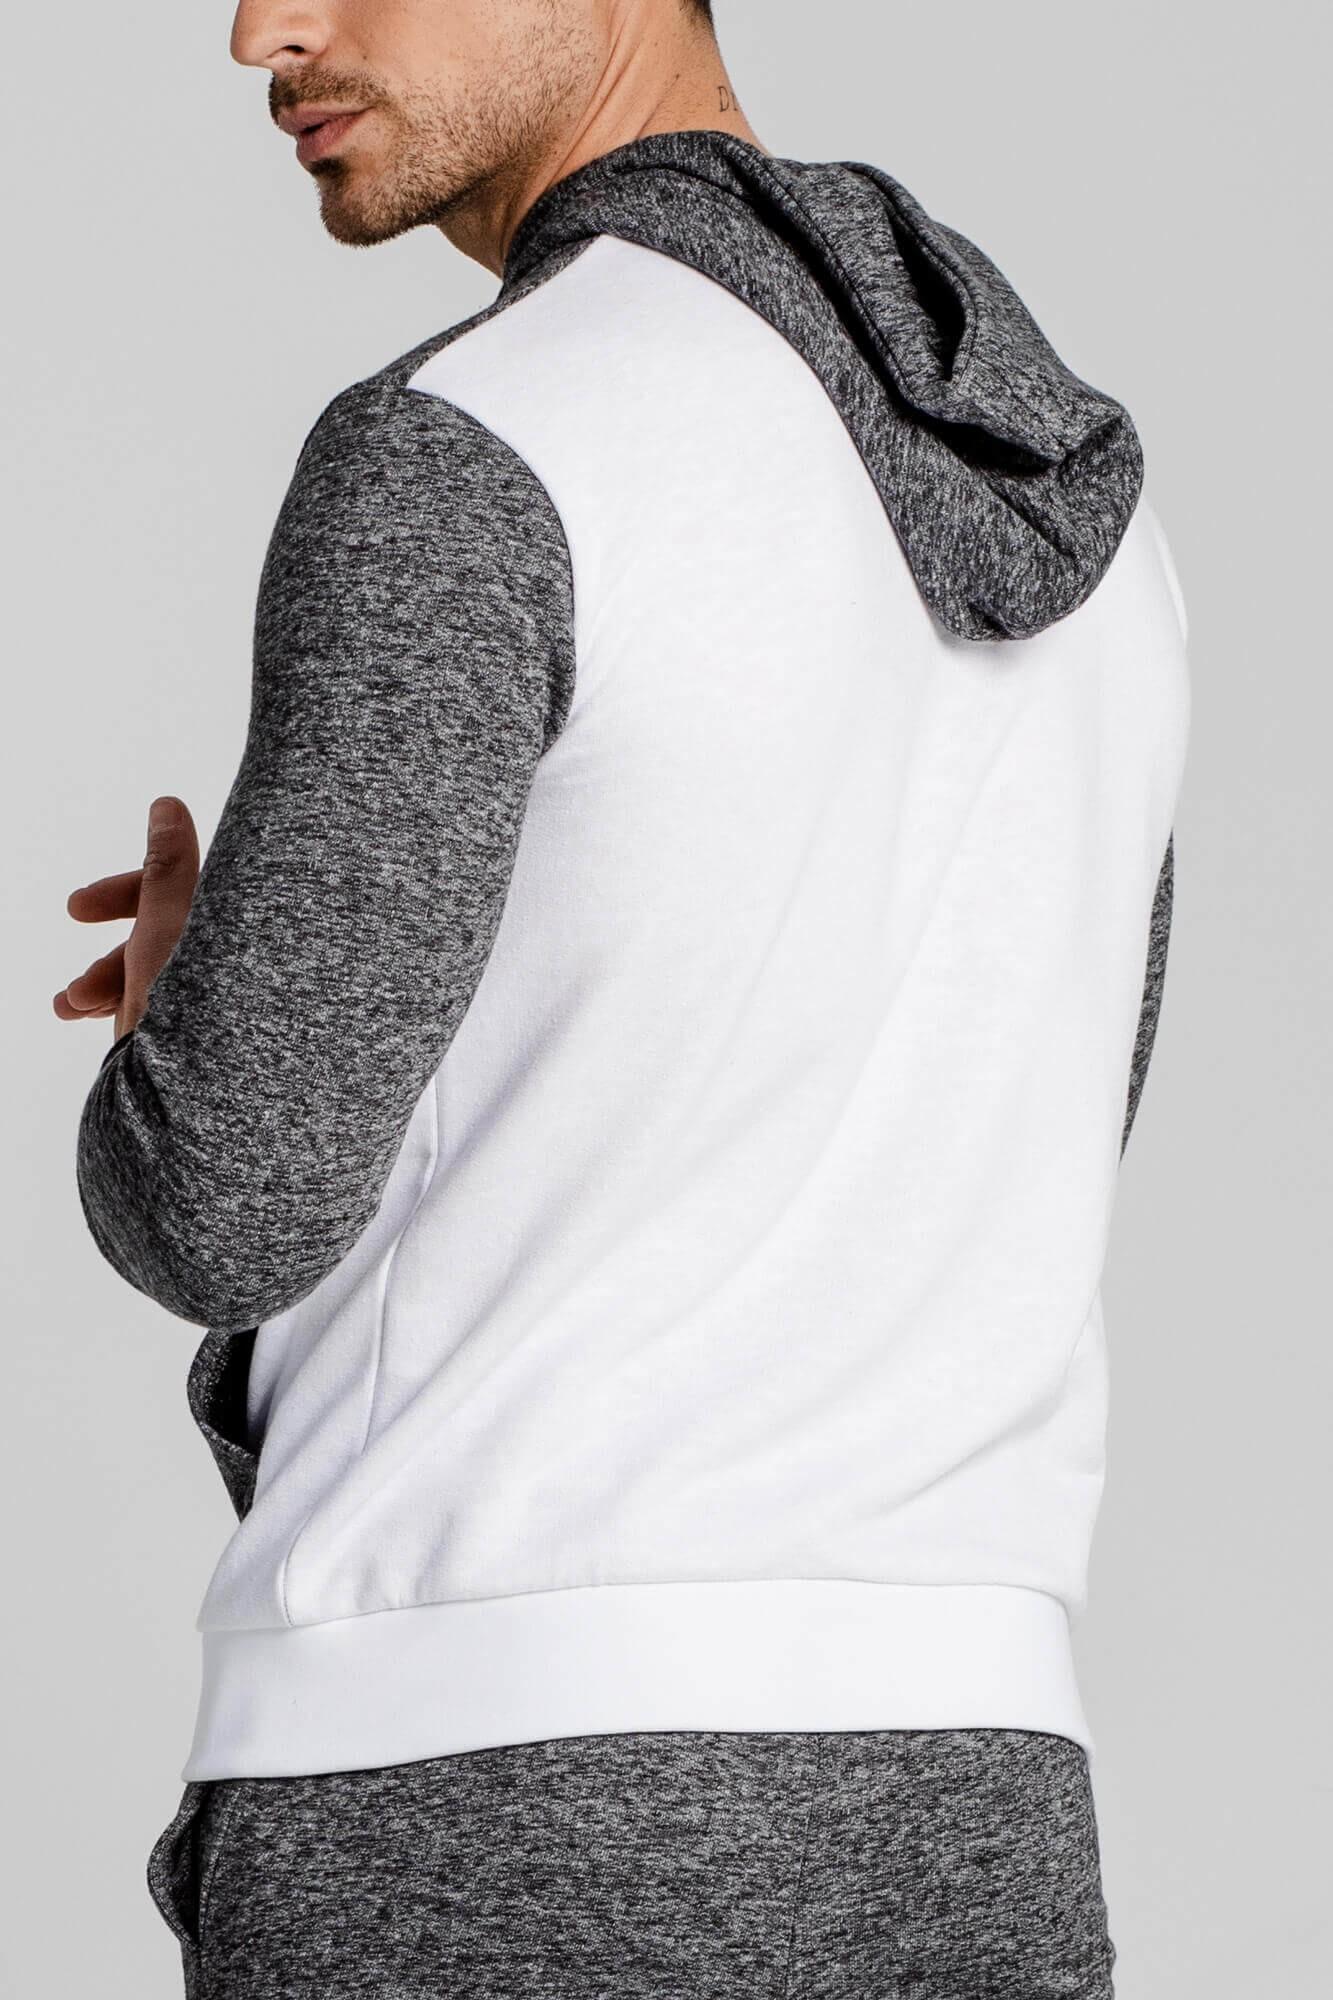 Sudadera deportiva Triangle, slim fit y 100% algodón. Estilo urbano de la marca ELIU, moda casual y urbana.